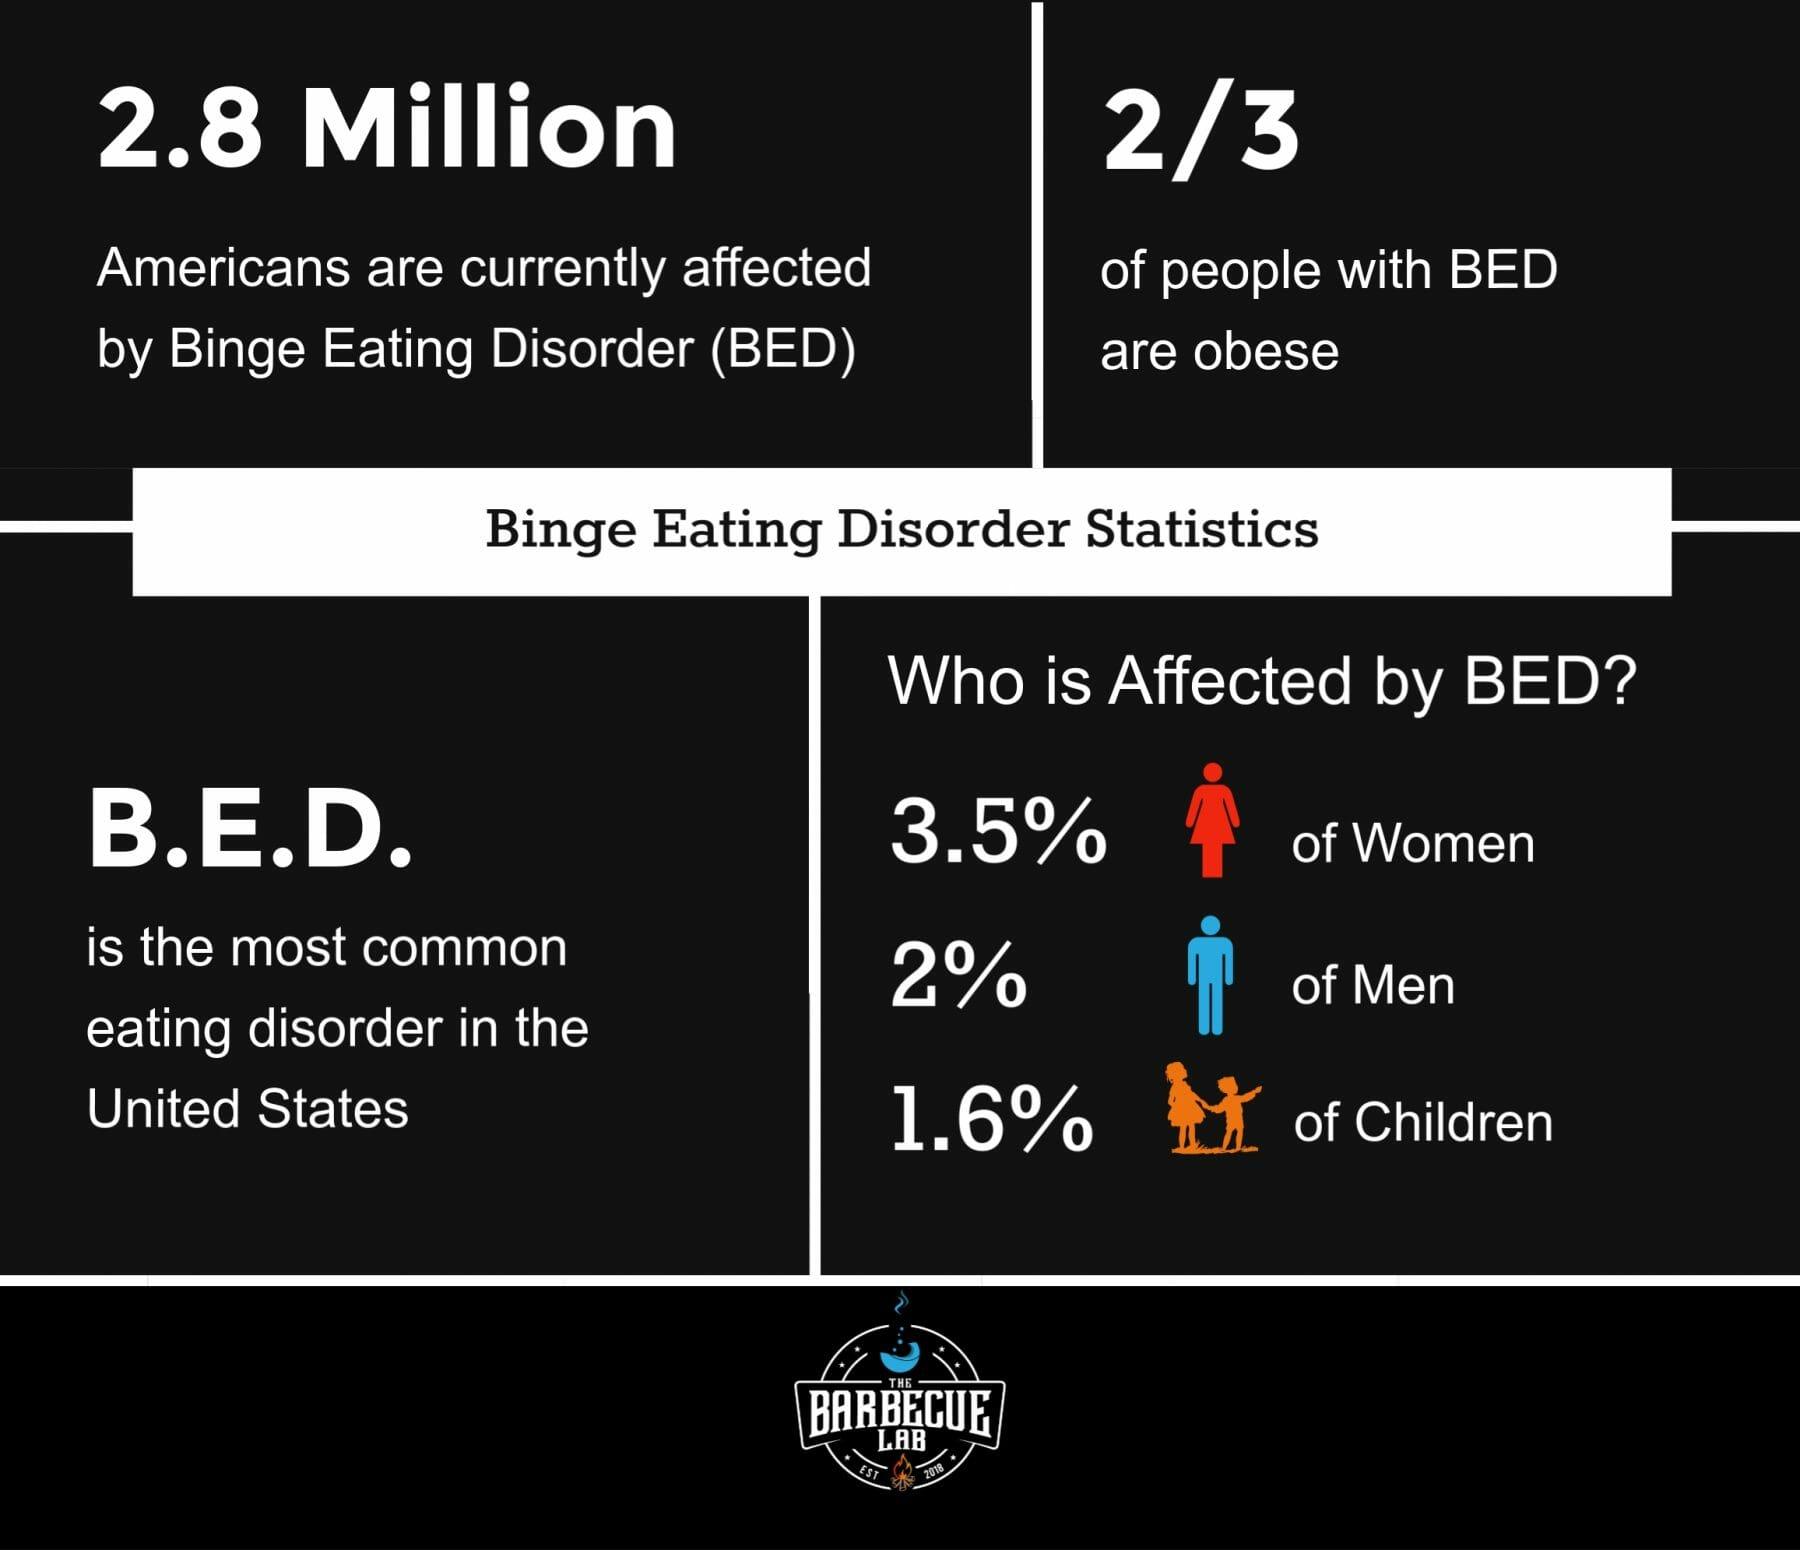 bing eating disorder statistics